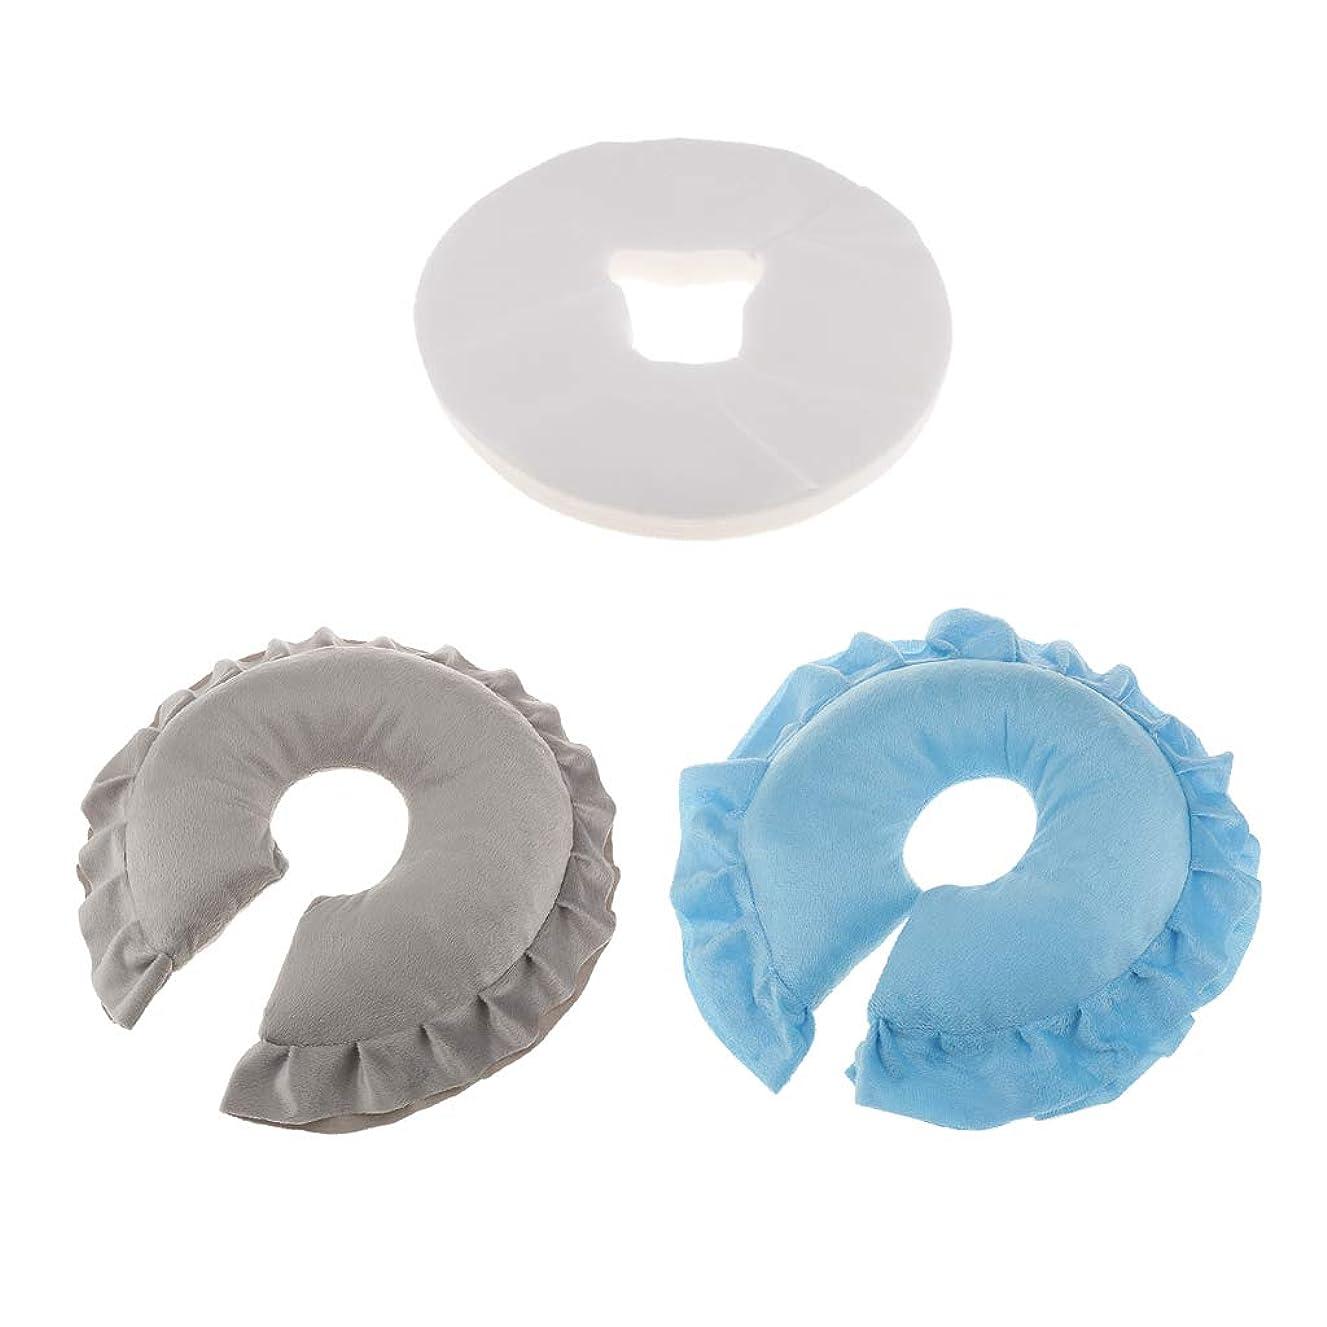 作る怠感心理的dailymall 2x美容院のマッサージの顔の揺りかごの枕+100の使い捨て可能なクッションカバー